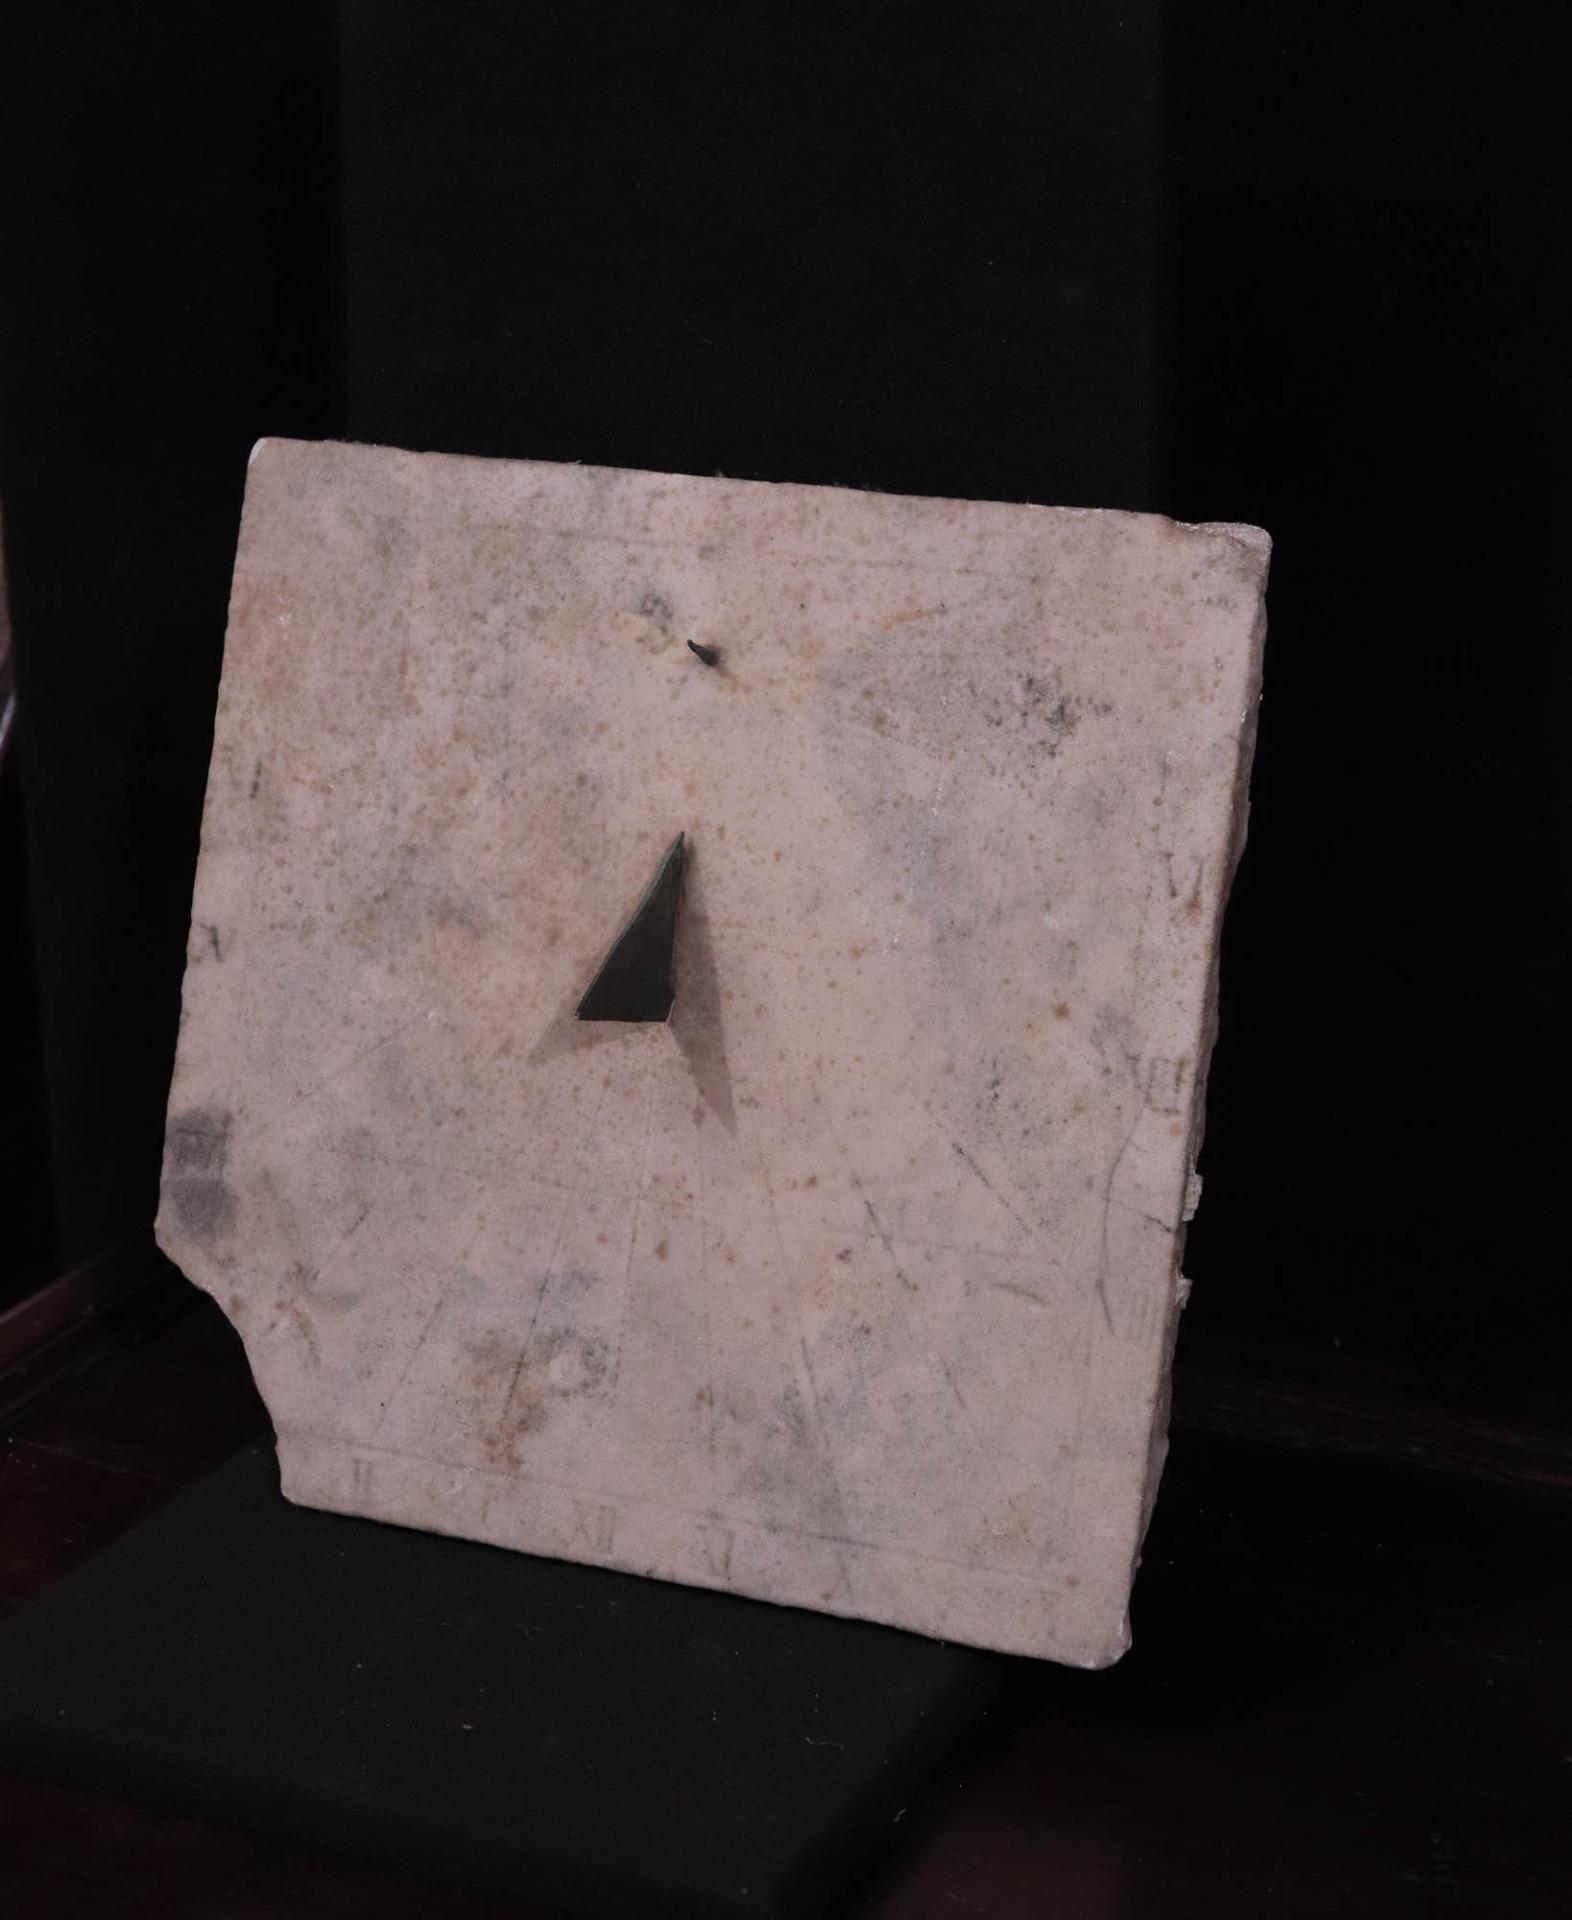 thumb3|Meridiana in marmo, Toscana, Sec. XVII